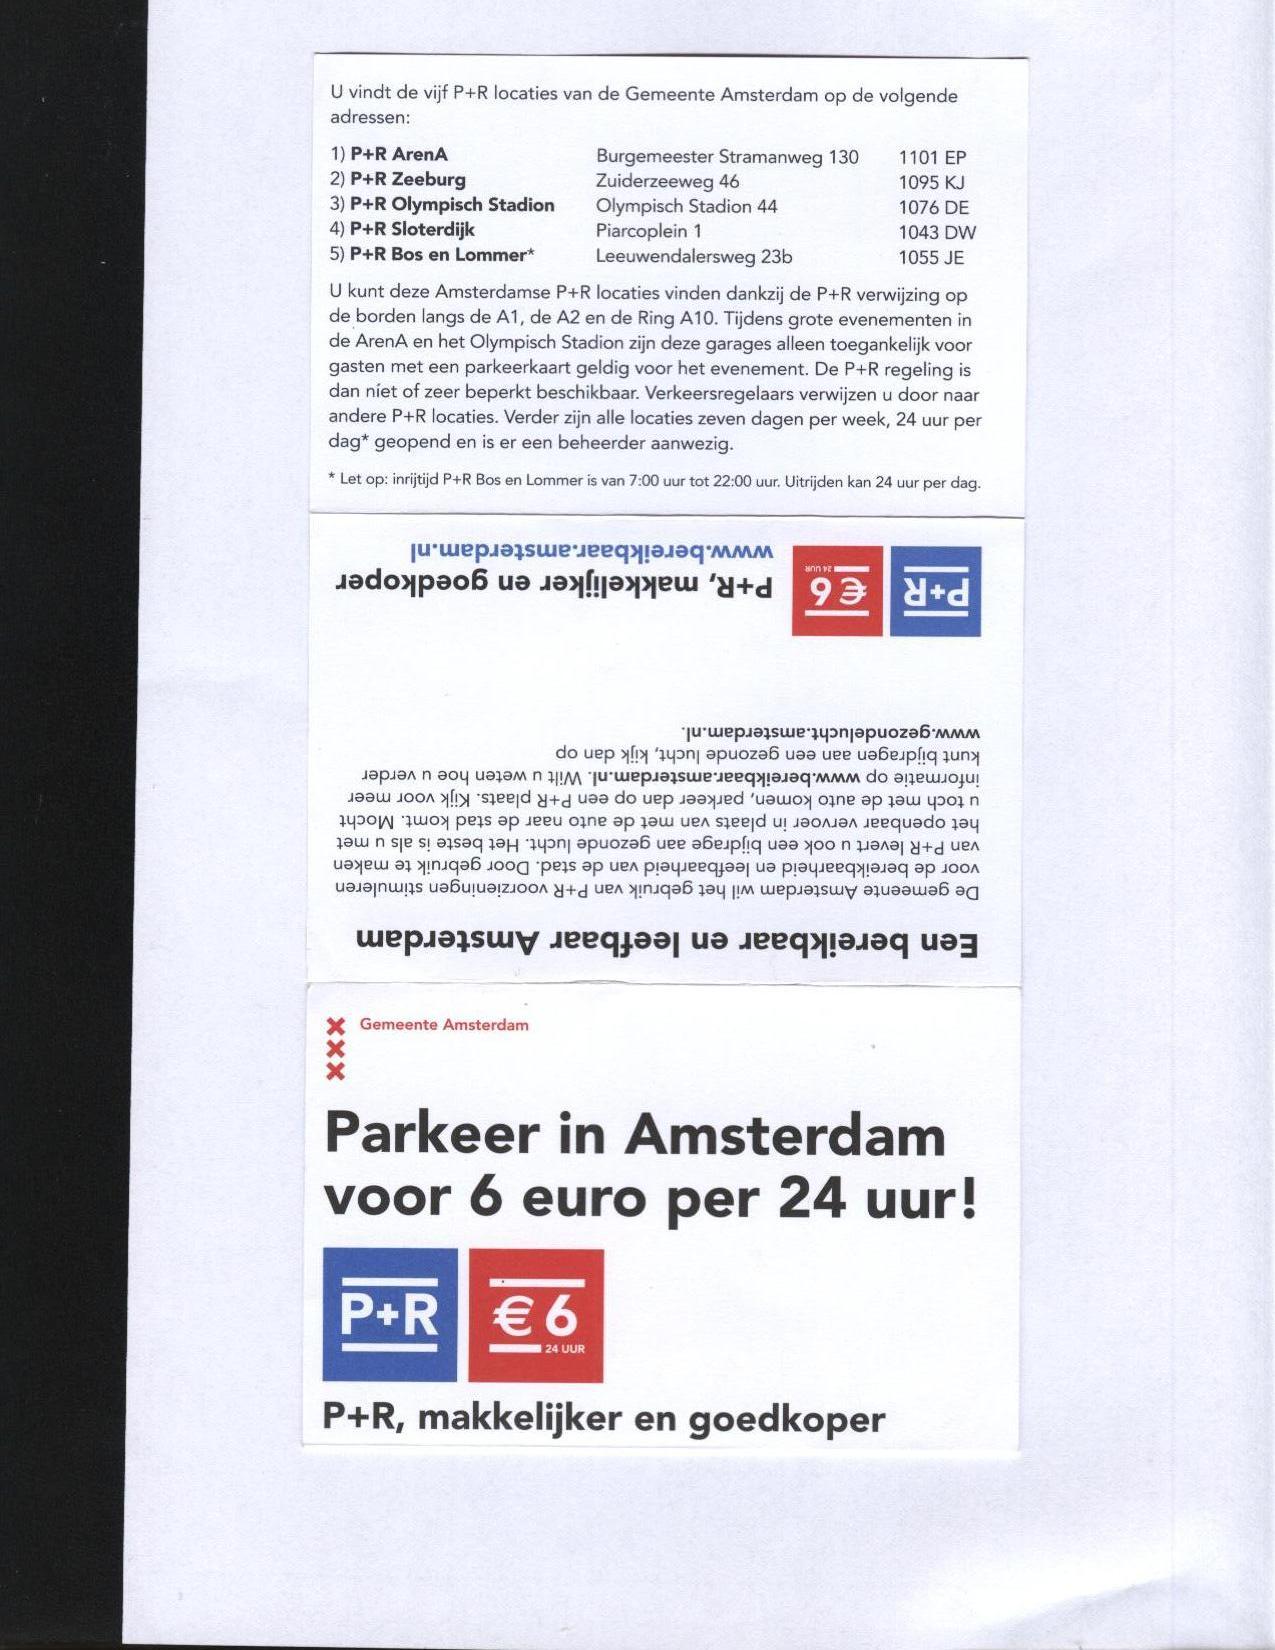 amsterdam indirizzi parcheggi a 6 euro al giorno